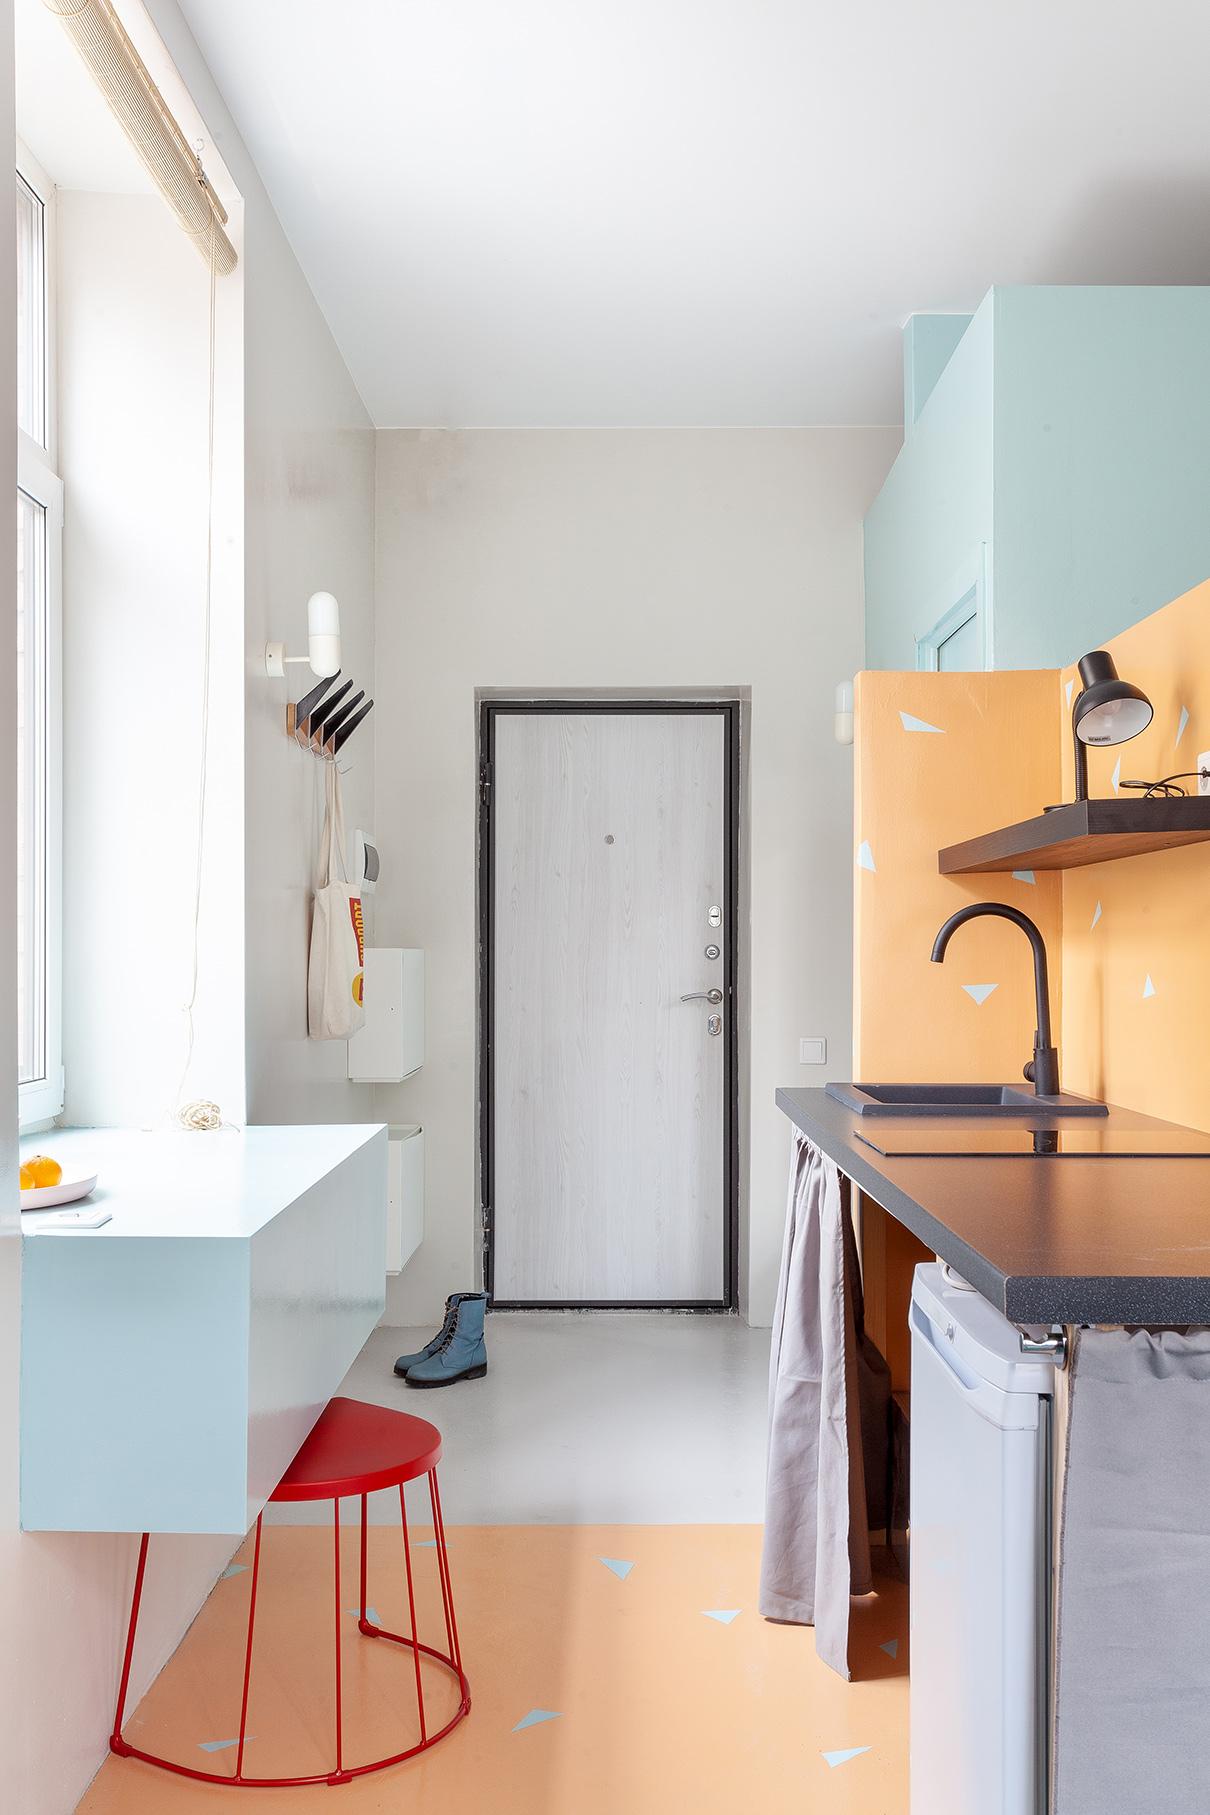 Для визуального расширения пространства дизайнеры использовали в отделке только два отделочных материала— краску на стенах и полу и ковролин на подиуме